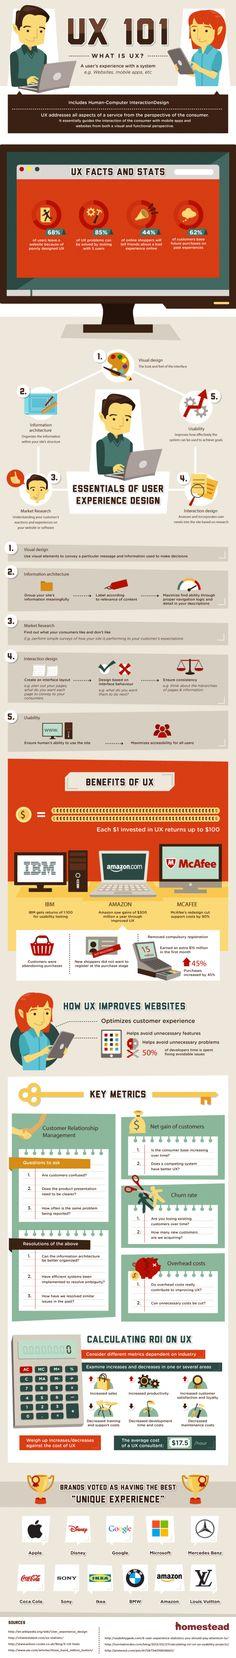 Infographic over wat user experience inhoud.